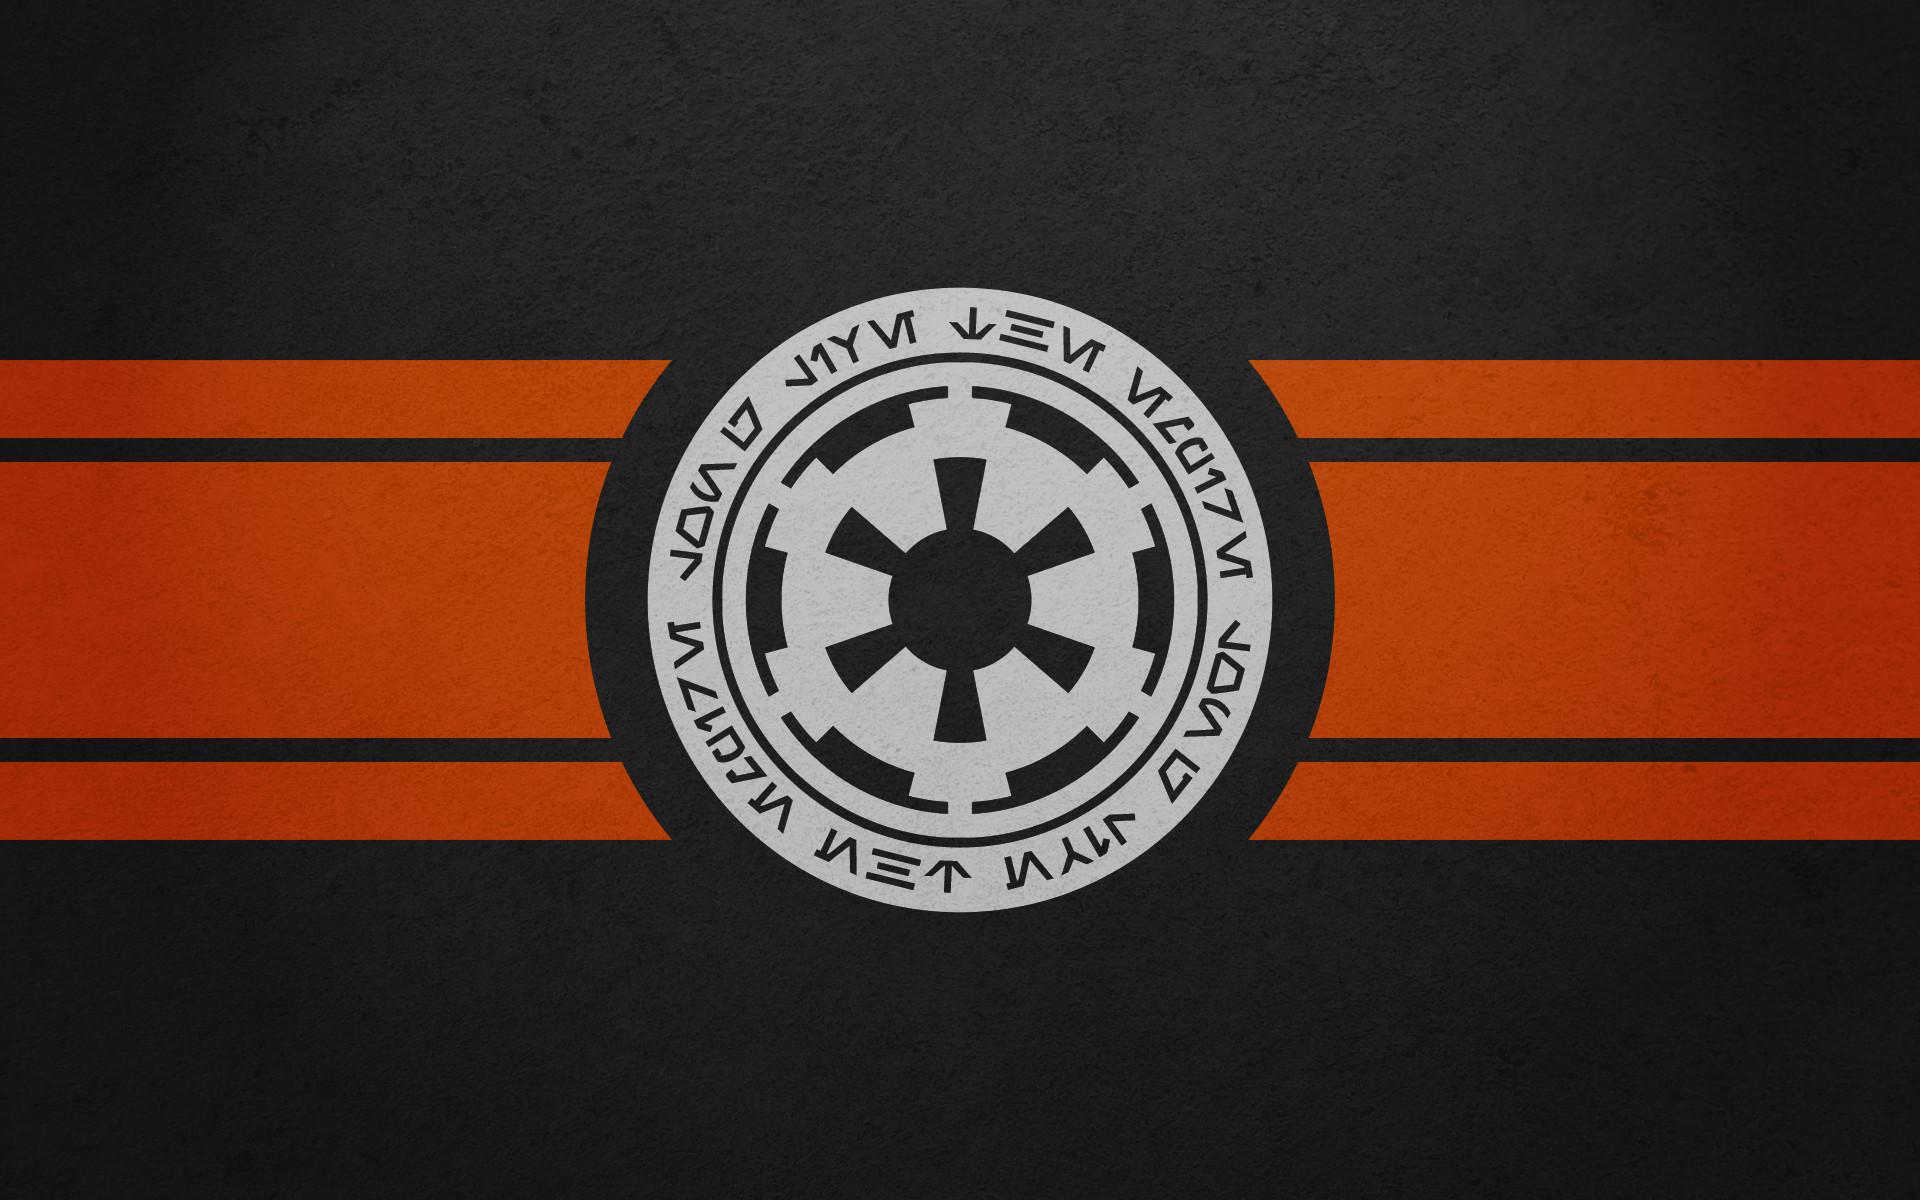 Star Wars Empire Wallpaper High Resolution